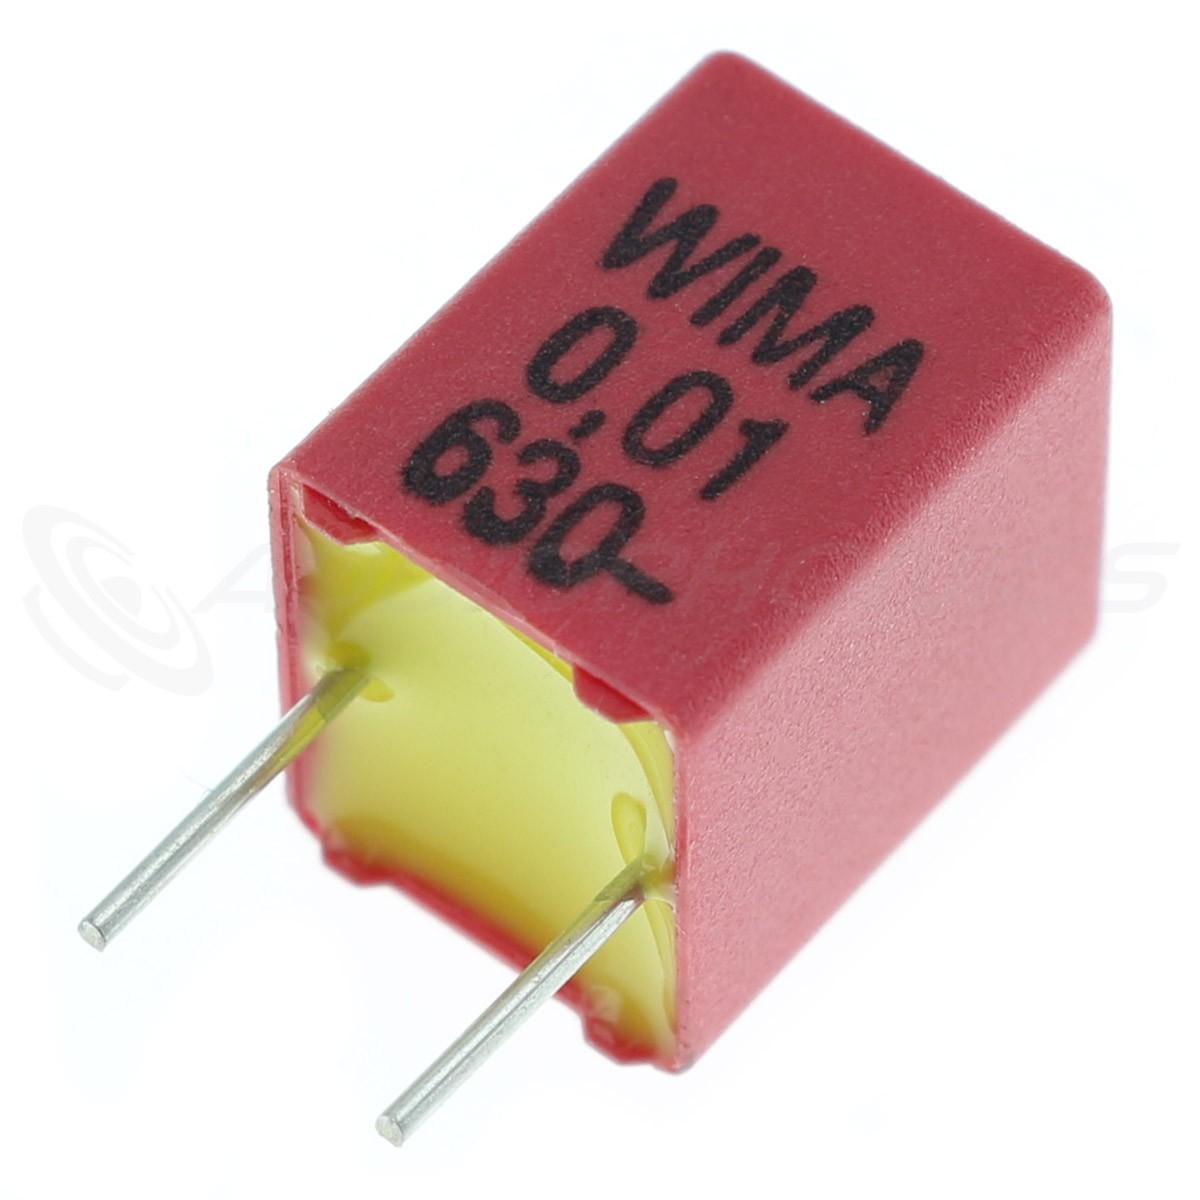 WIMA FKP-2 Polypropylene Capacitor 5mm 1000V 0.0001µF